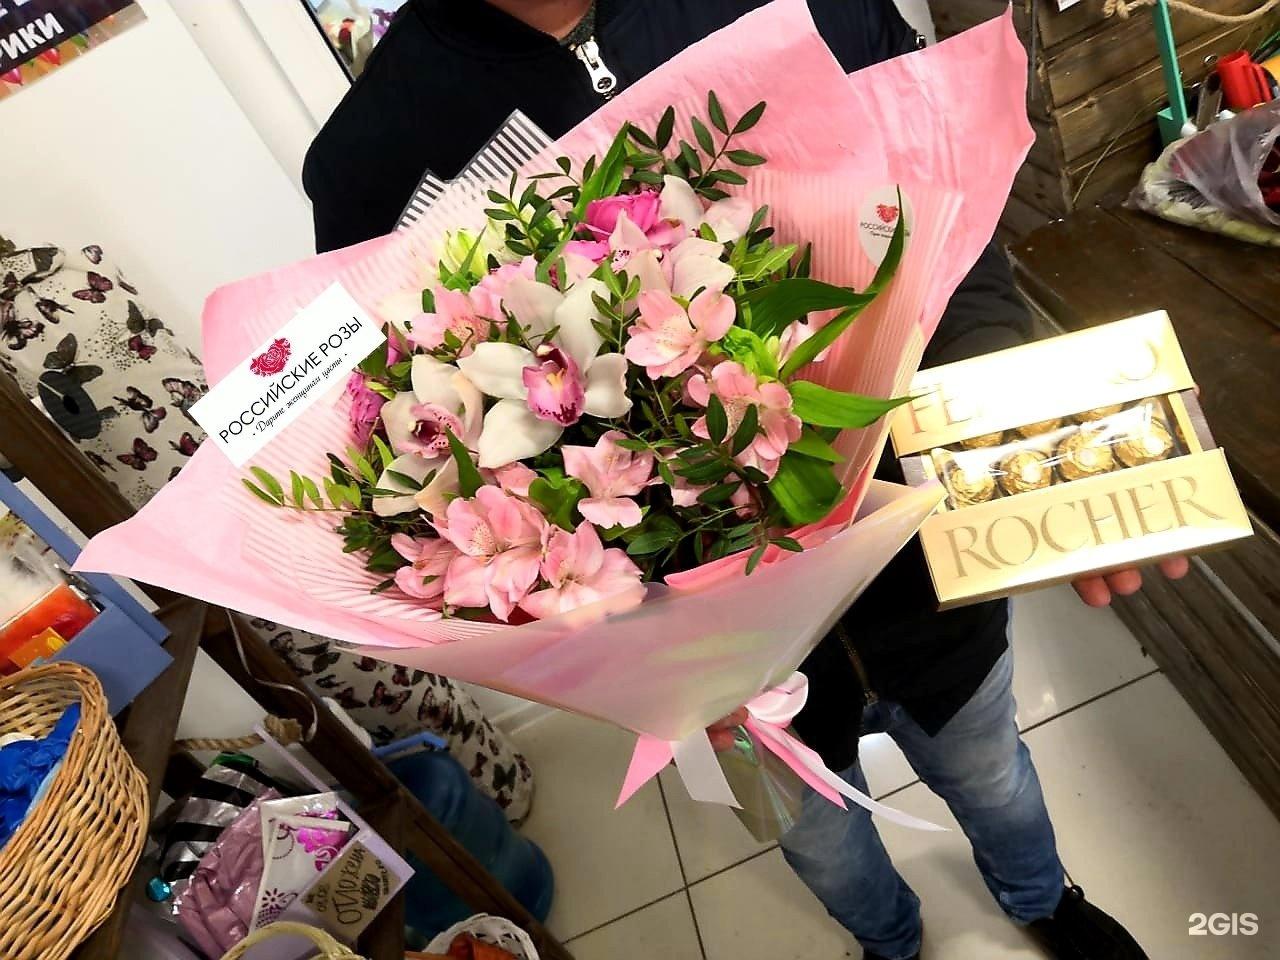 Доставка цветов оптом набережные челны круглосуточная, букет